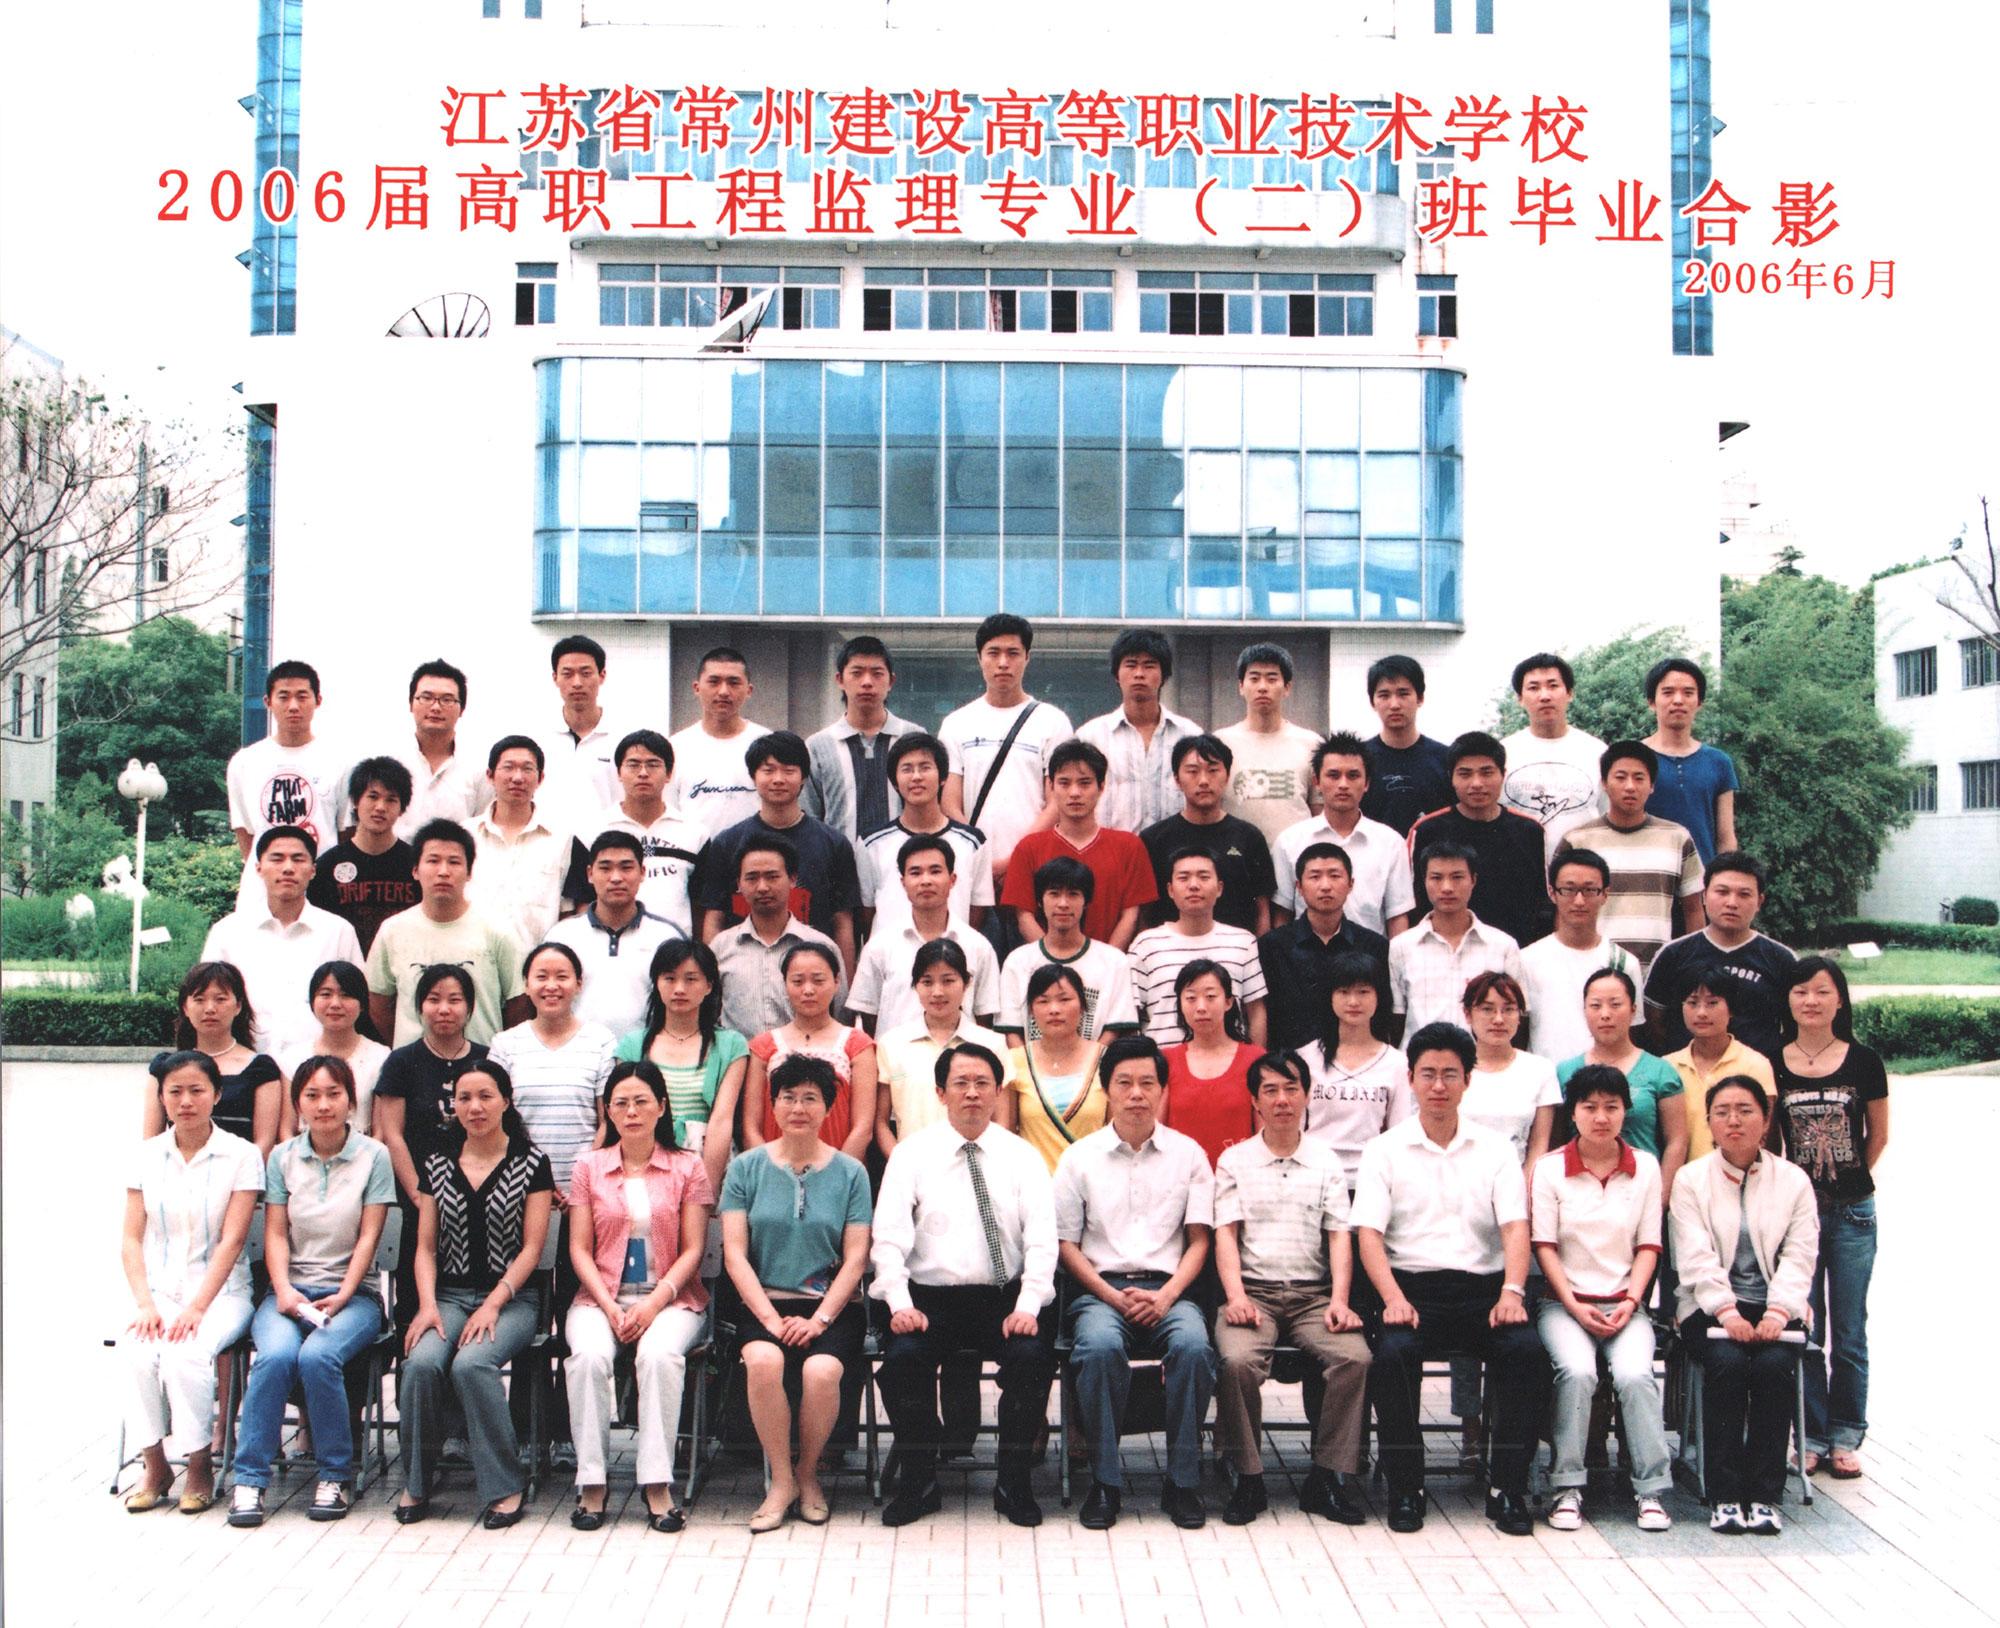 2006届高职工程监理专业(二)班...